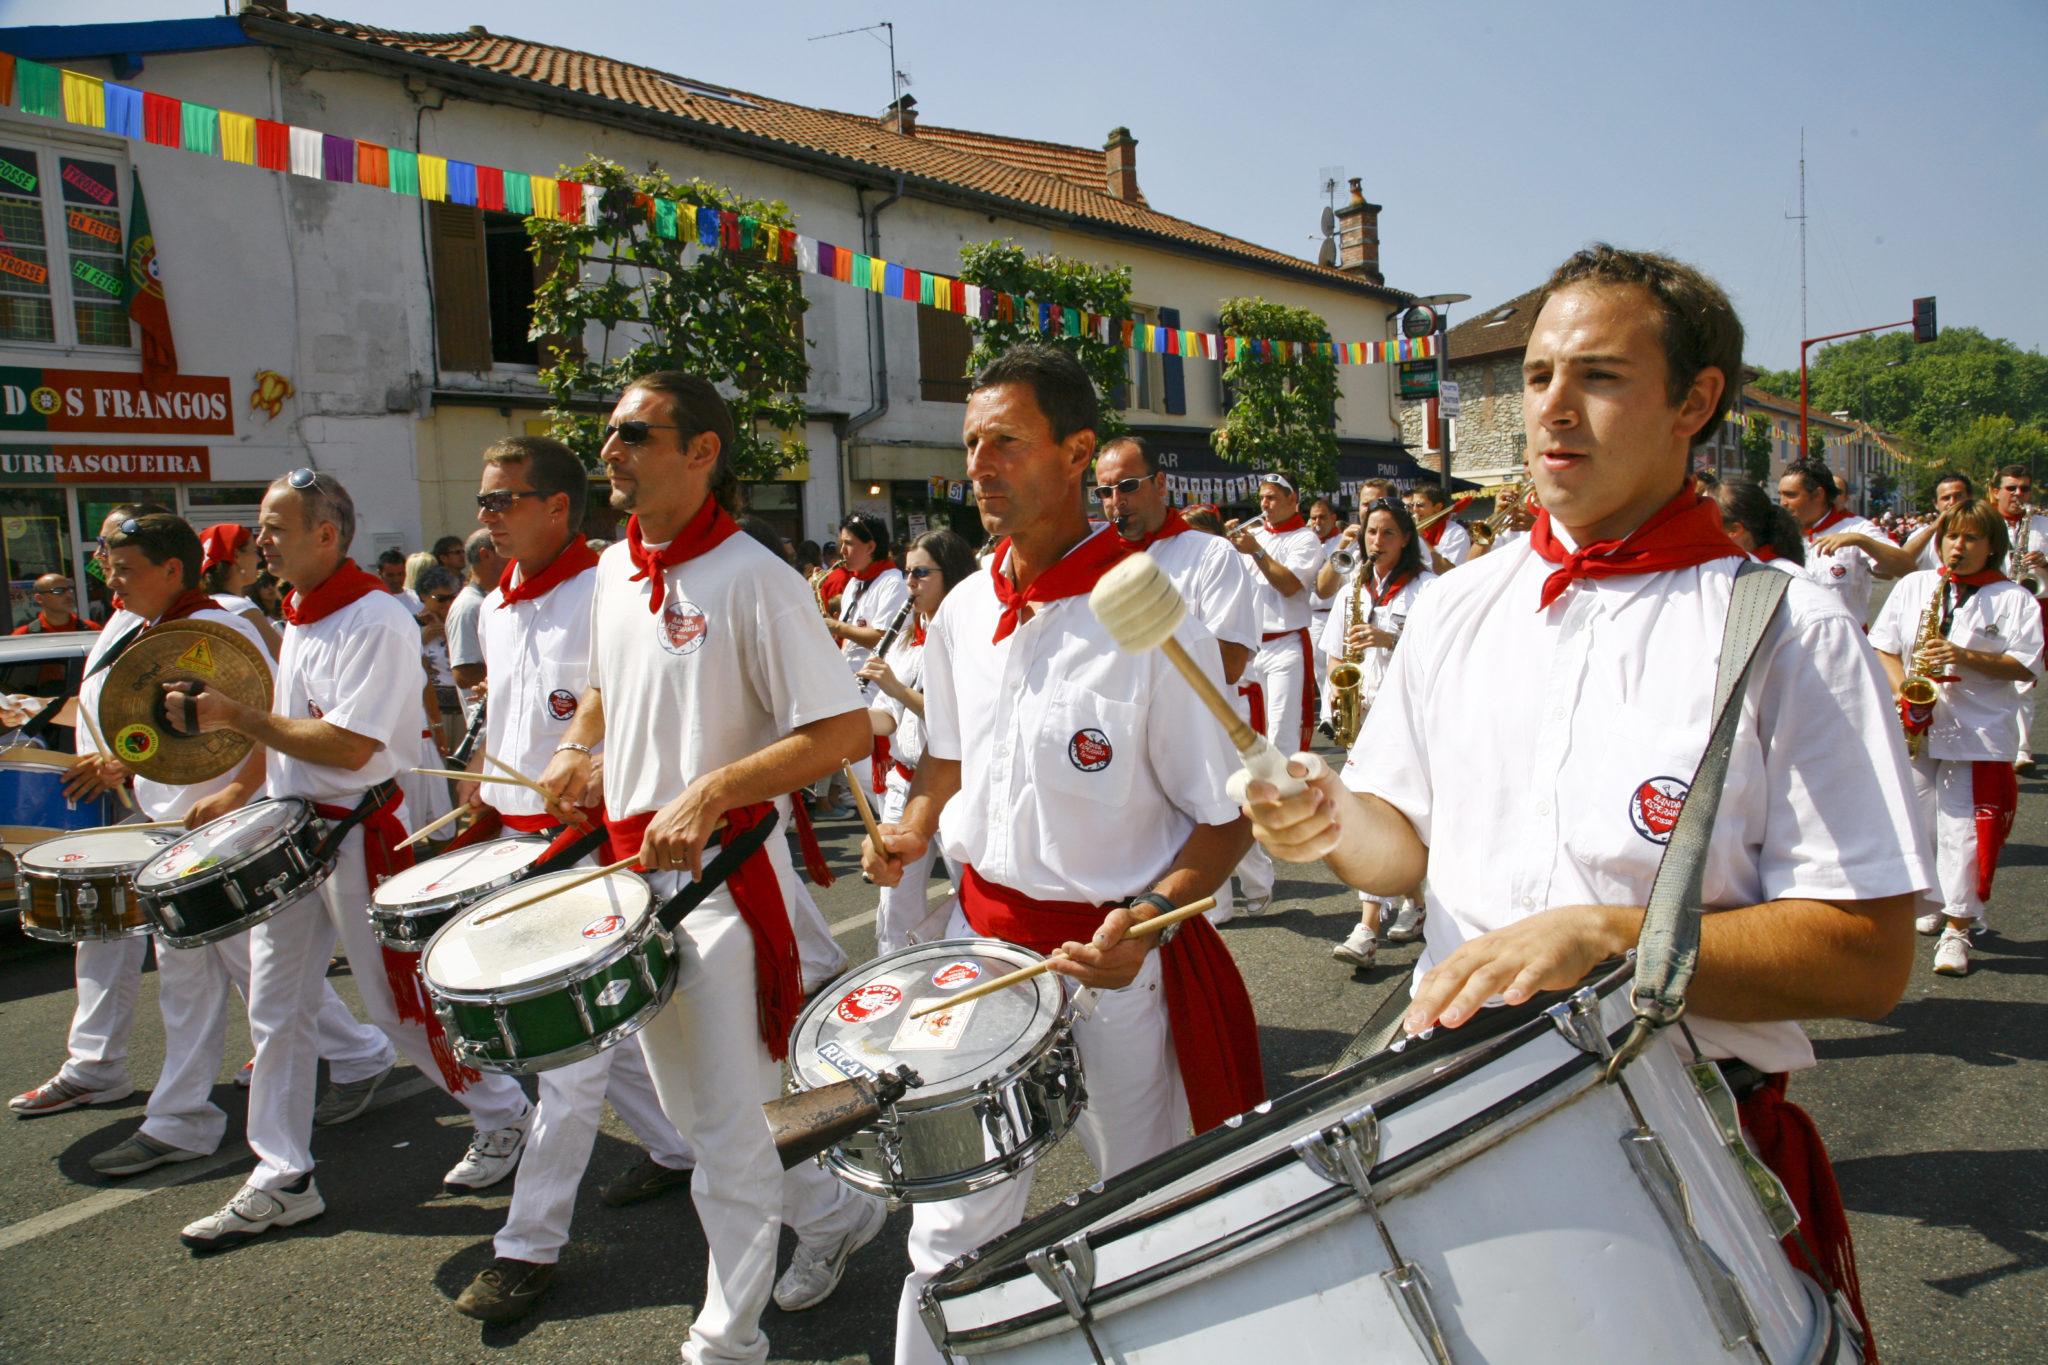 Ferias-Fêtes de Tyrosse-bandas